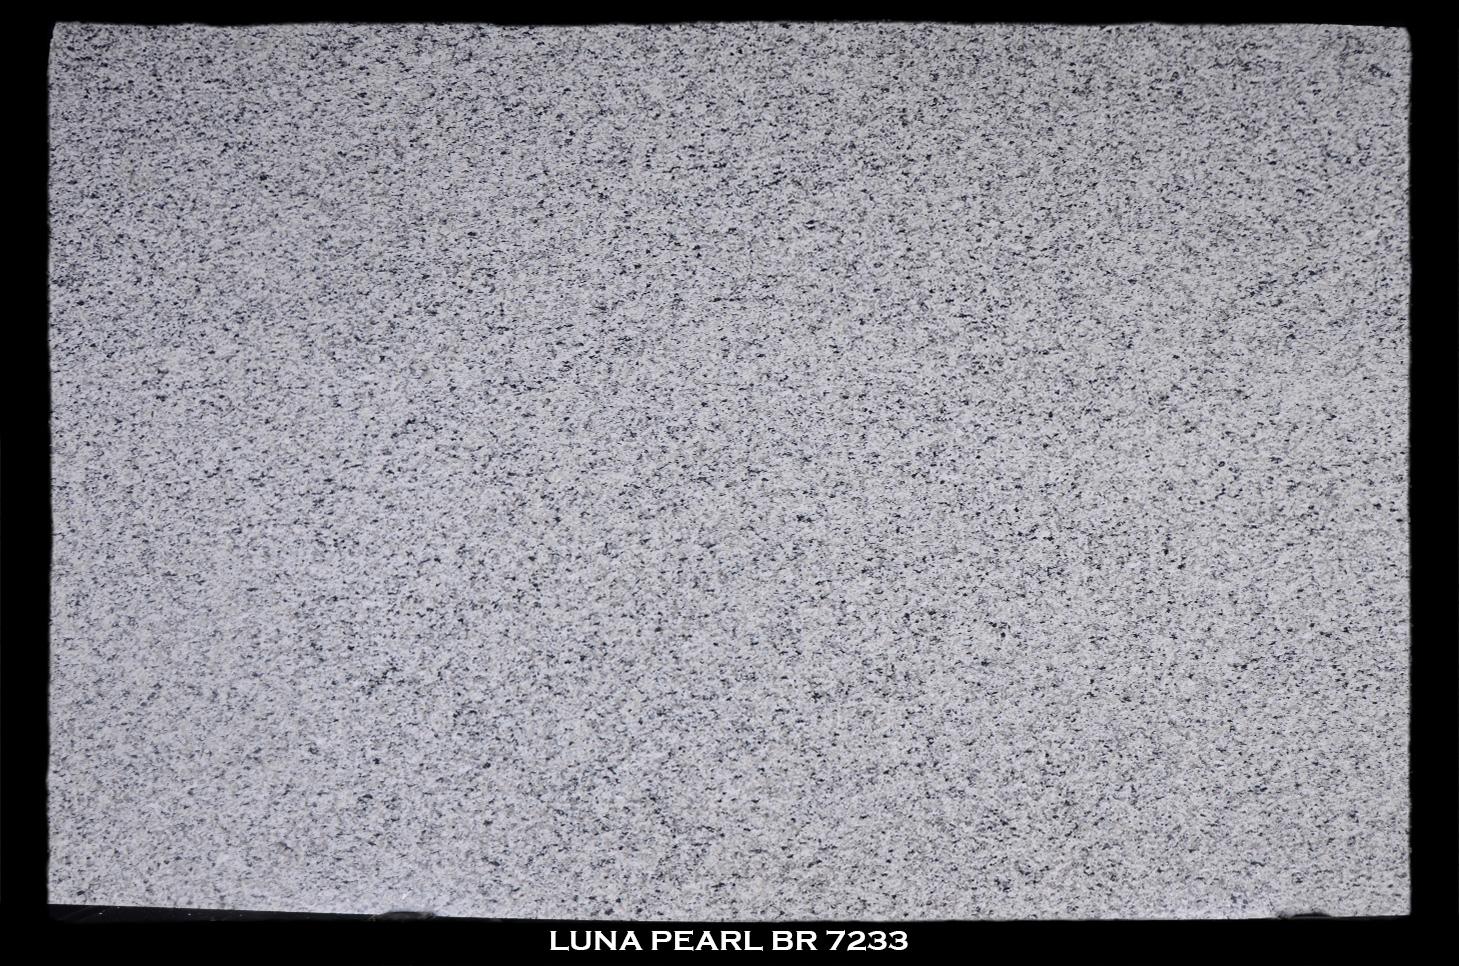 Luna-Pearl-Br-7233-slab